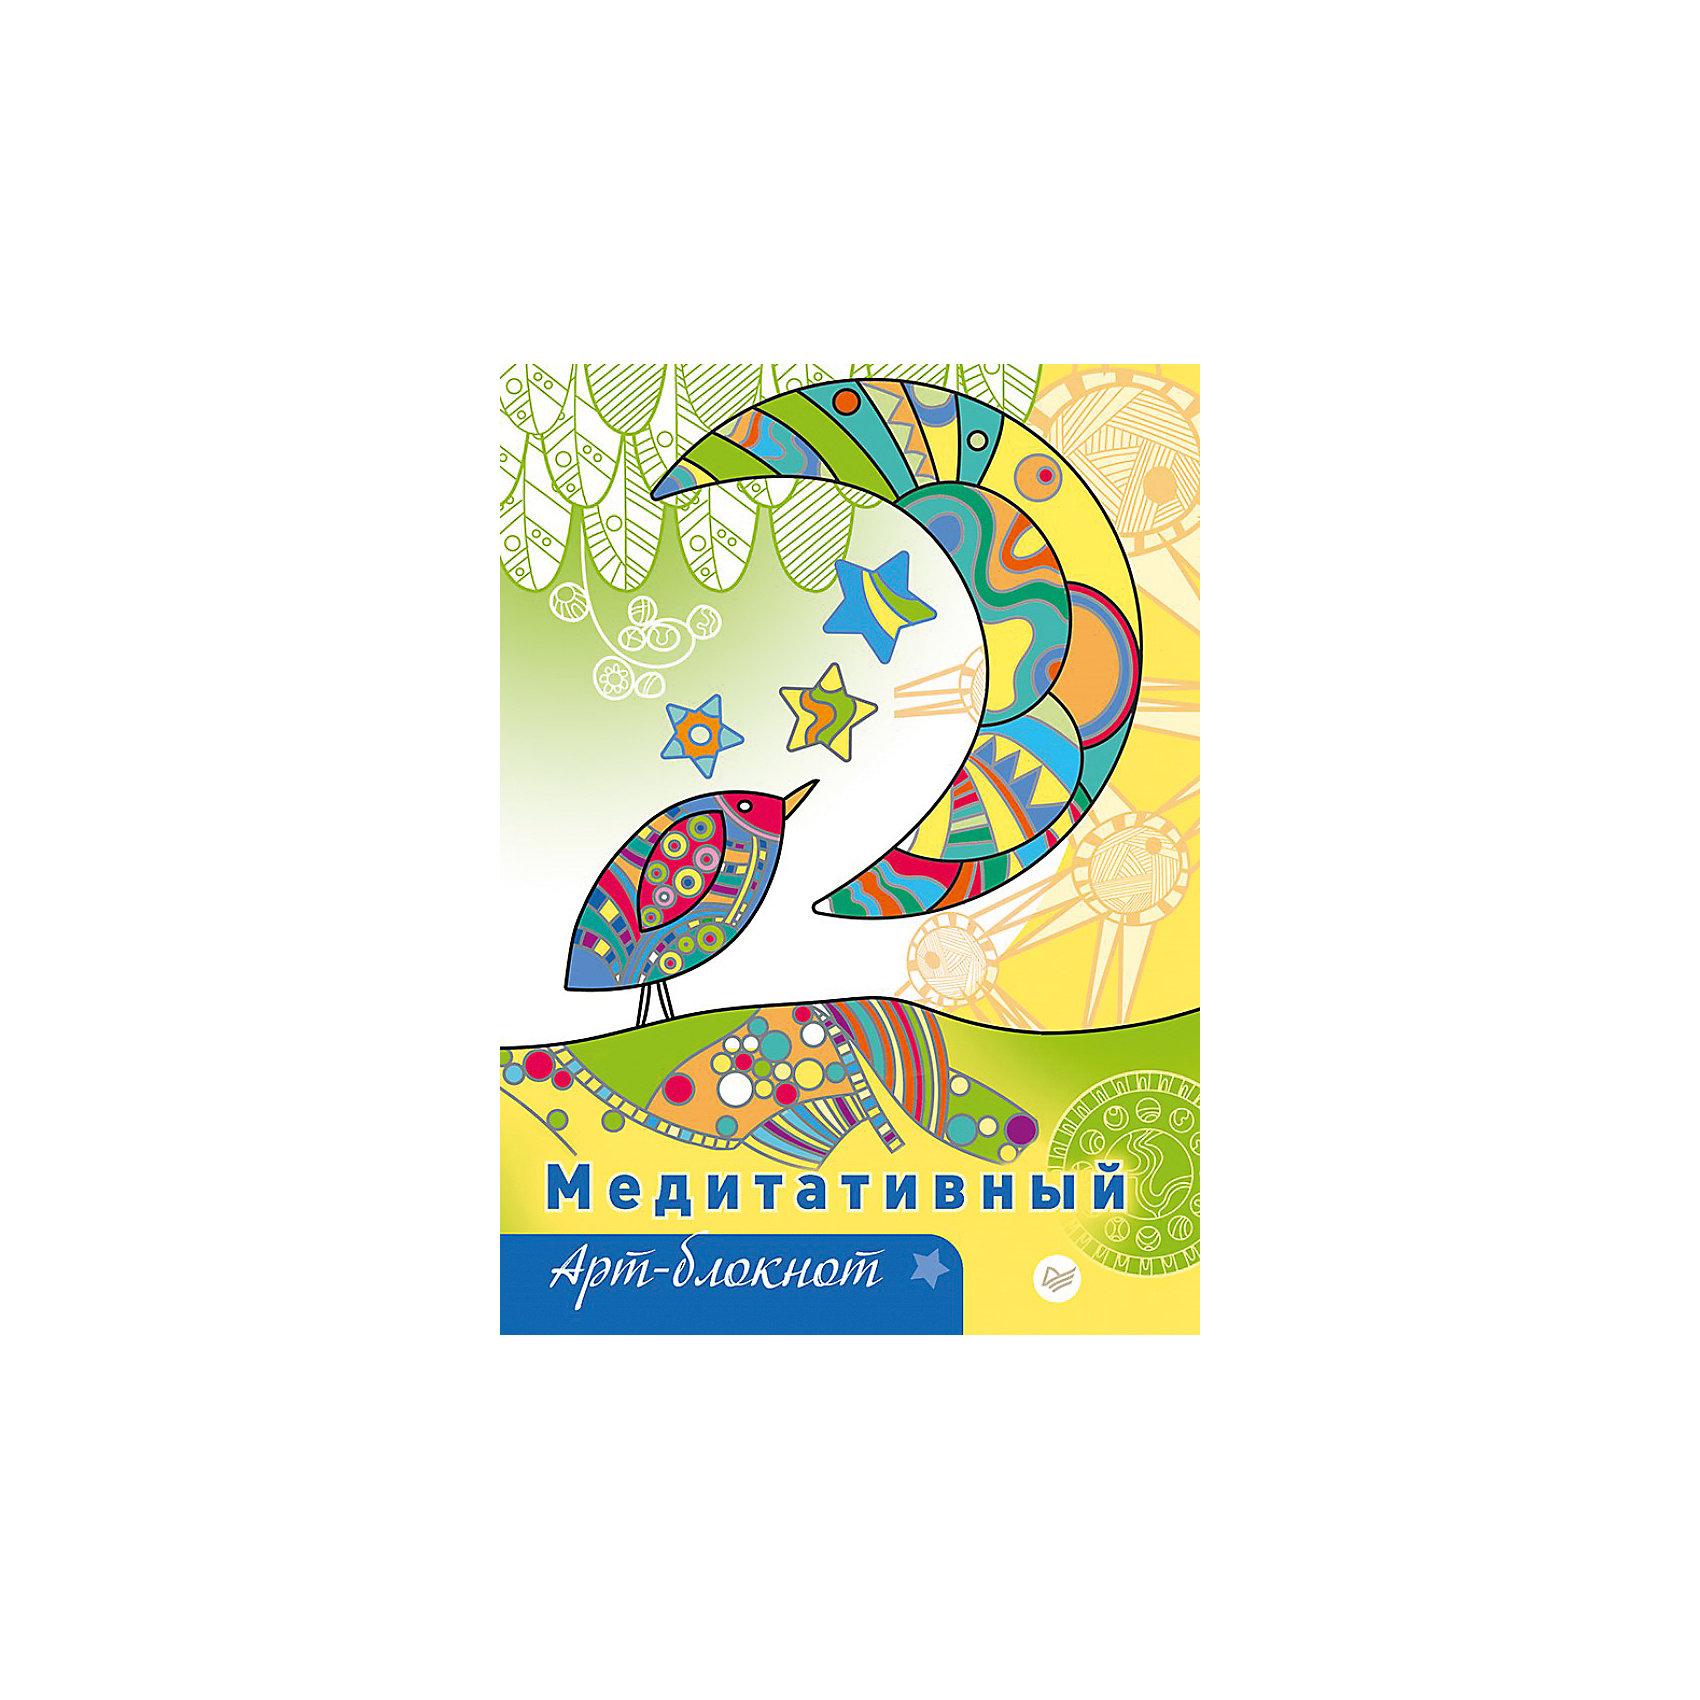 Медитативный арт-блокнотРисование<br>Что такое медитация? Новое слово или реальная помощь для расслабления мозга? Проверьте на себе сами. Раскраски – антистресс – новое модное веяние в мире творчества. Медитативный арт-блокнот будет интересен  как взрослым, так и детям. Сборник содержит многочисленные узоры, которые можно раскрасить, как хочется душе, превратив их в шедевр. Примечательно, что каждый цвет в раскрасках-антистресс имеет свое собственное значение. С помощью цветных карандашей любой черно-белый рисунок превратится в потрясающую композицию. Разбудите в себе внутреннего художника после тяжелого рабочего дня и отдохните от суеты с новой раскраской! <br><br>Дополнительная информация:<br>страниц: 96; <br>формат:  145 х 215 мм.<br><br>Медитативный арт-блокнот можно купить в нашем магазине<br><br>Ширина мм: 213<br>Глубина мм: 147<br>Высота мм: 10<br>Вес г: 240<br>Возраст от месяцев: 144<br>Возраст до месяцев: 2147483647<br>Пол: Женский<br>Возраст: Детский<br>SKU: 4966247